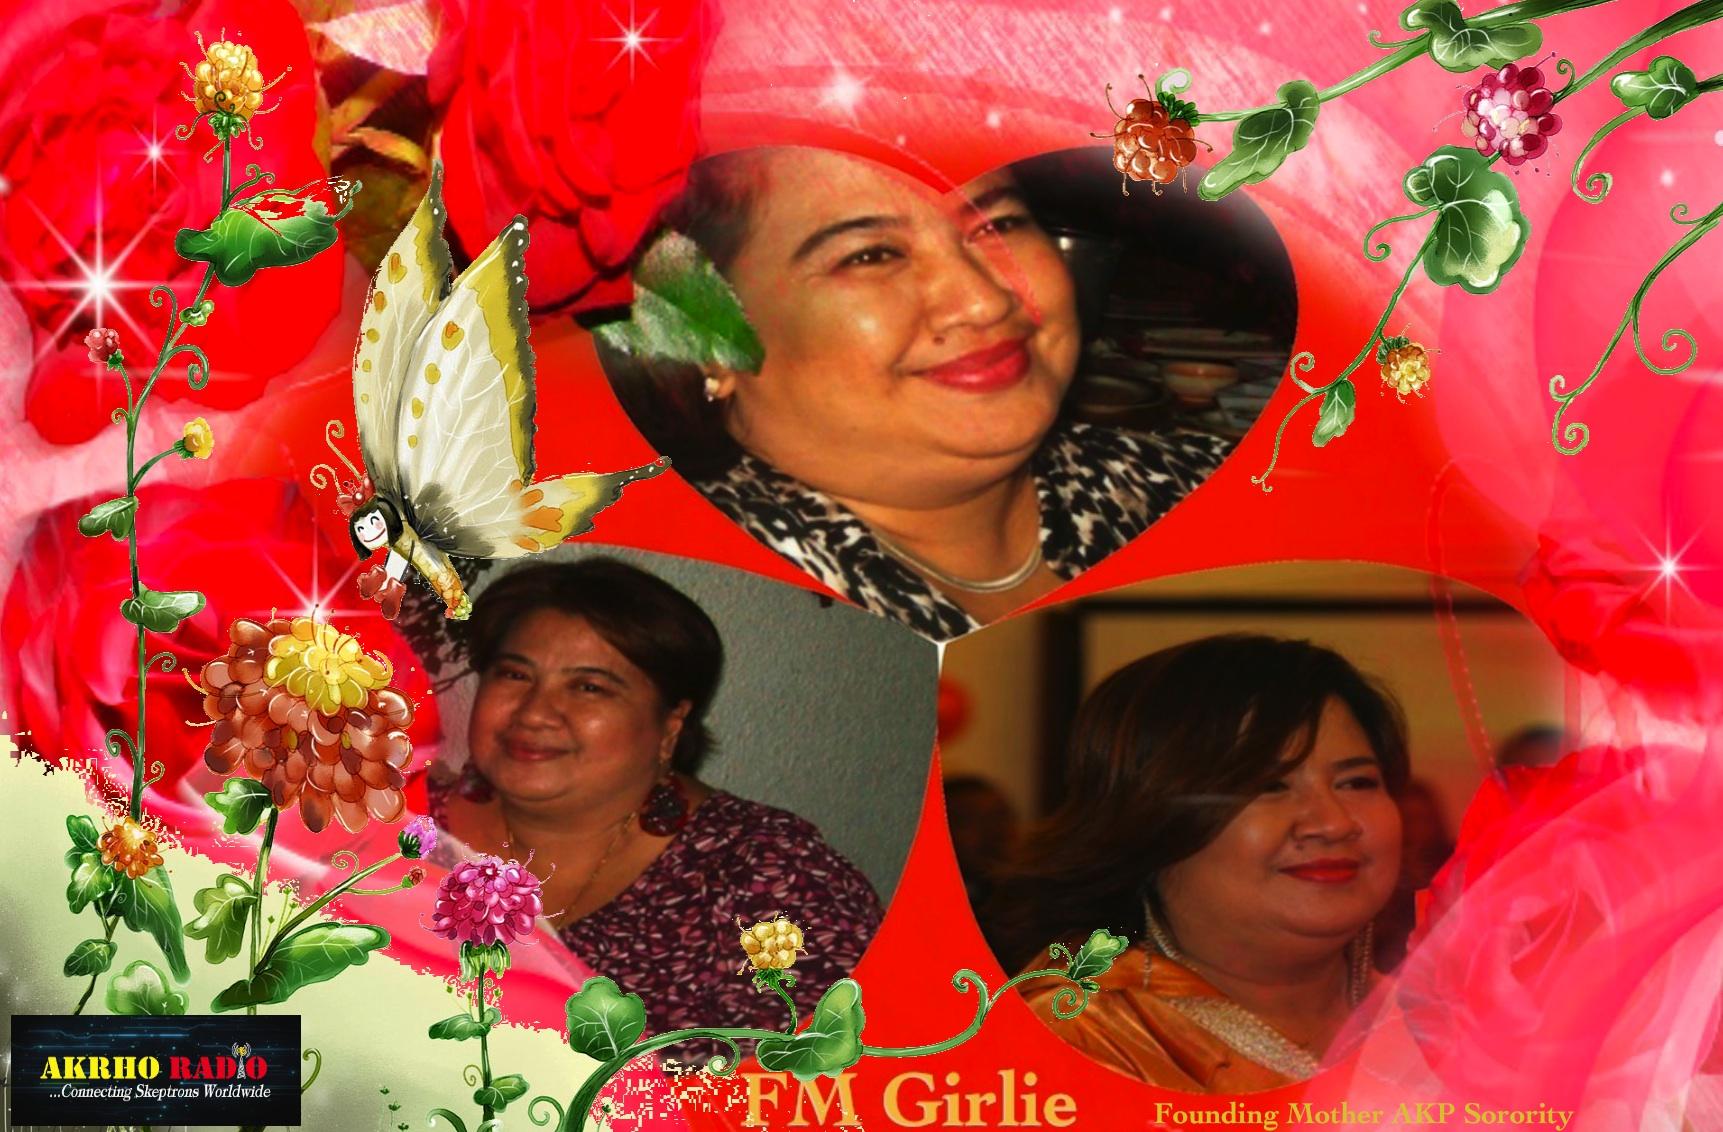 FM Girlie